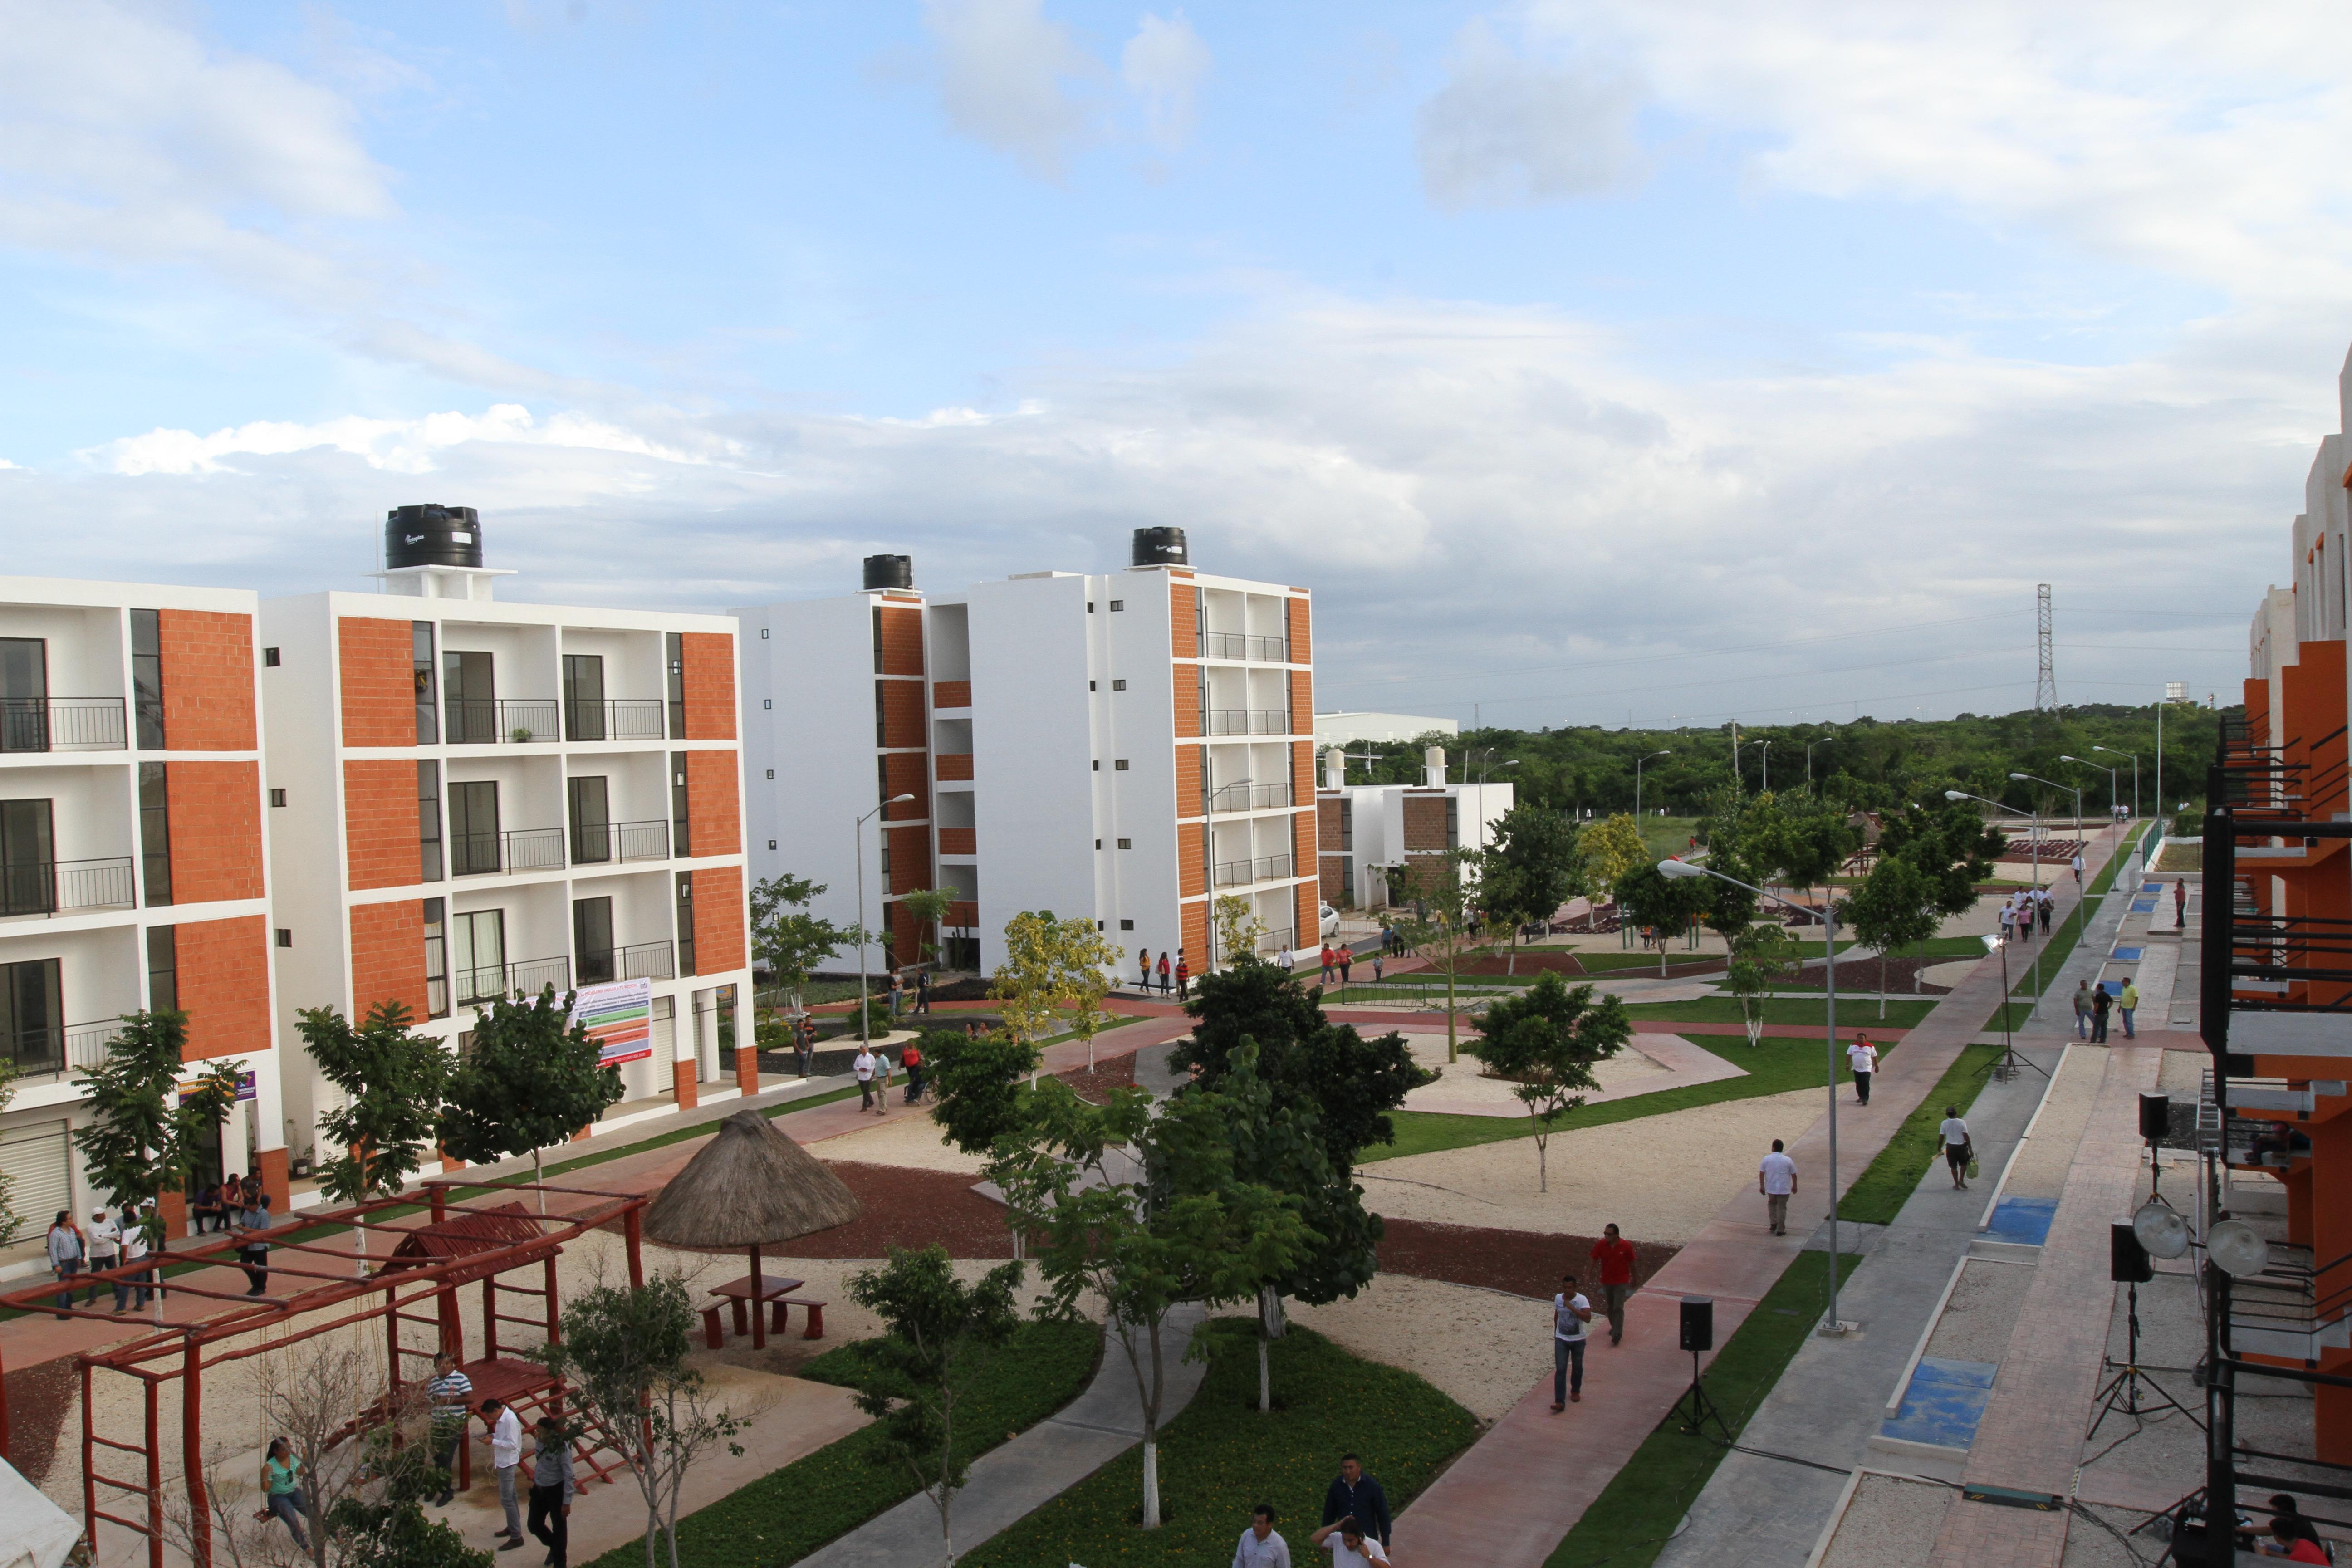 La SEDATU ha conformado tres redes de ciudades para ofrecer un mejor futuro a los ciudadanos.